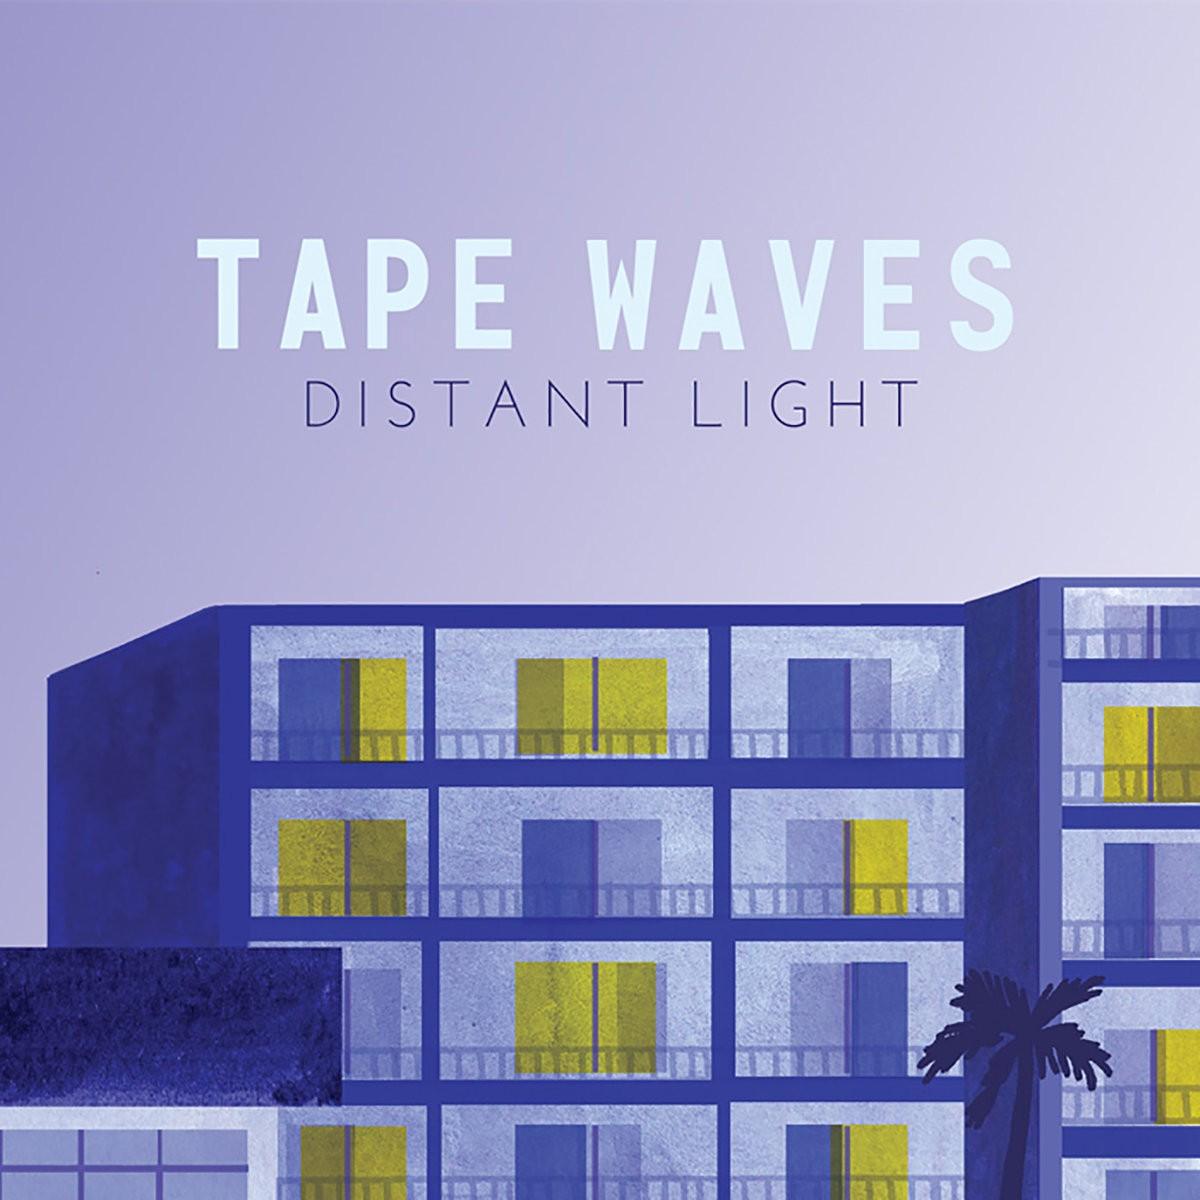 tape-waves-disant-light-1528486239